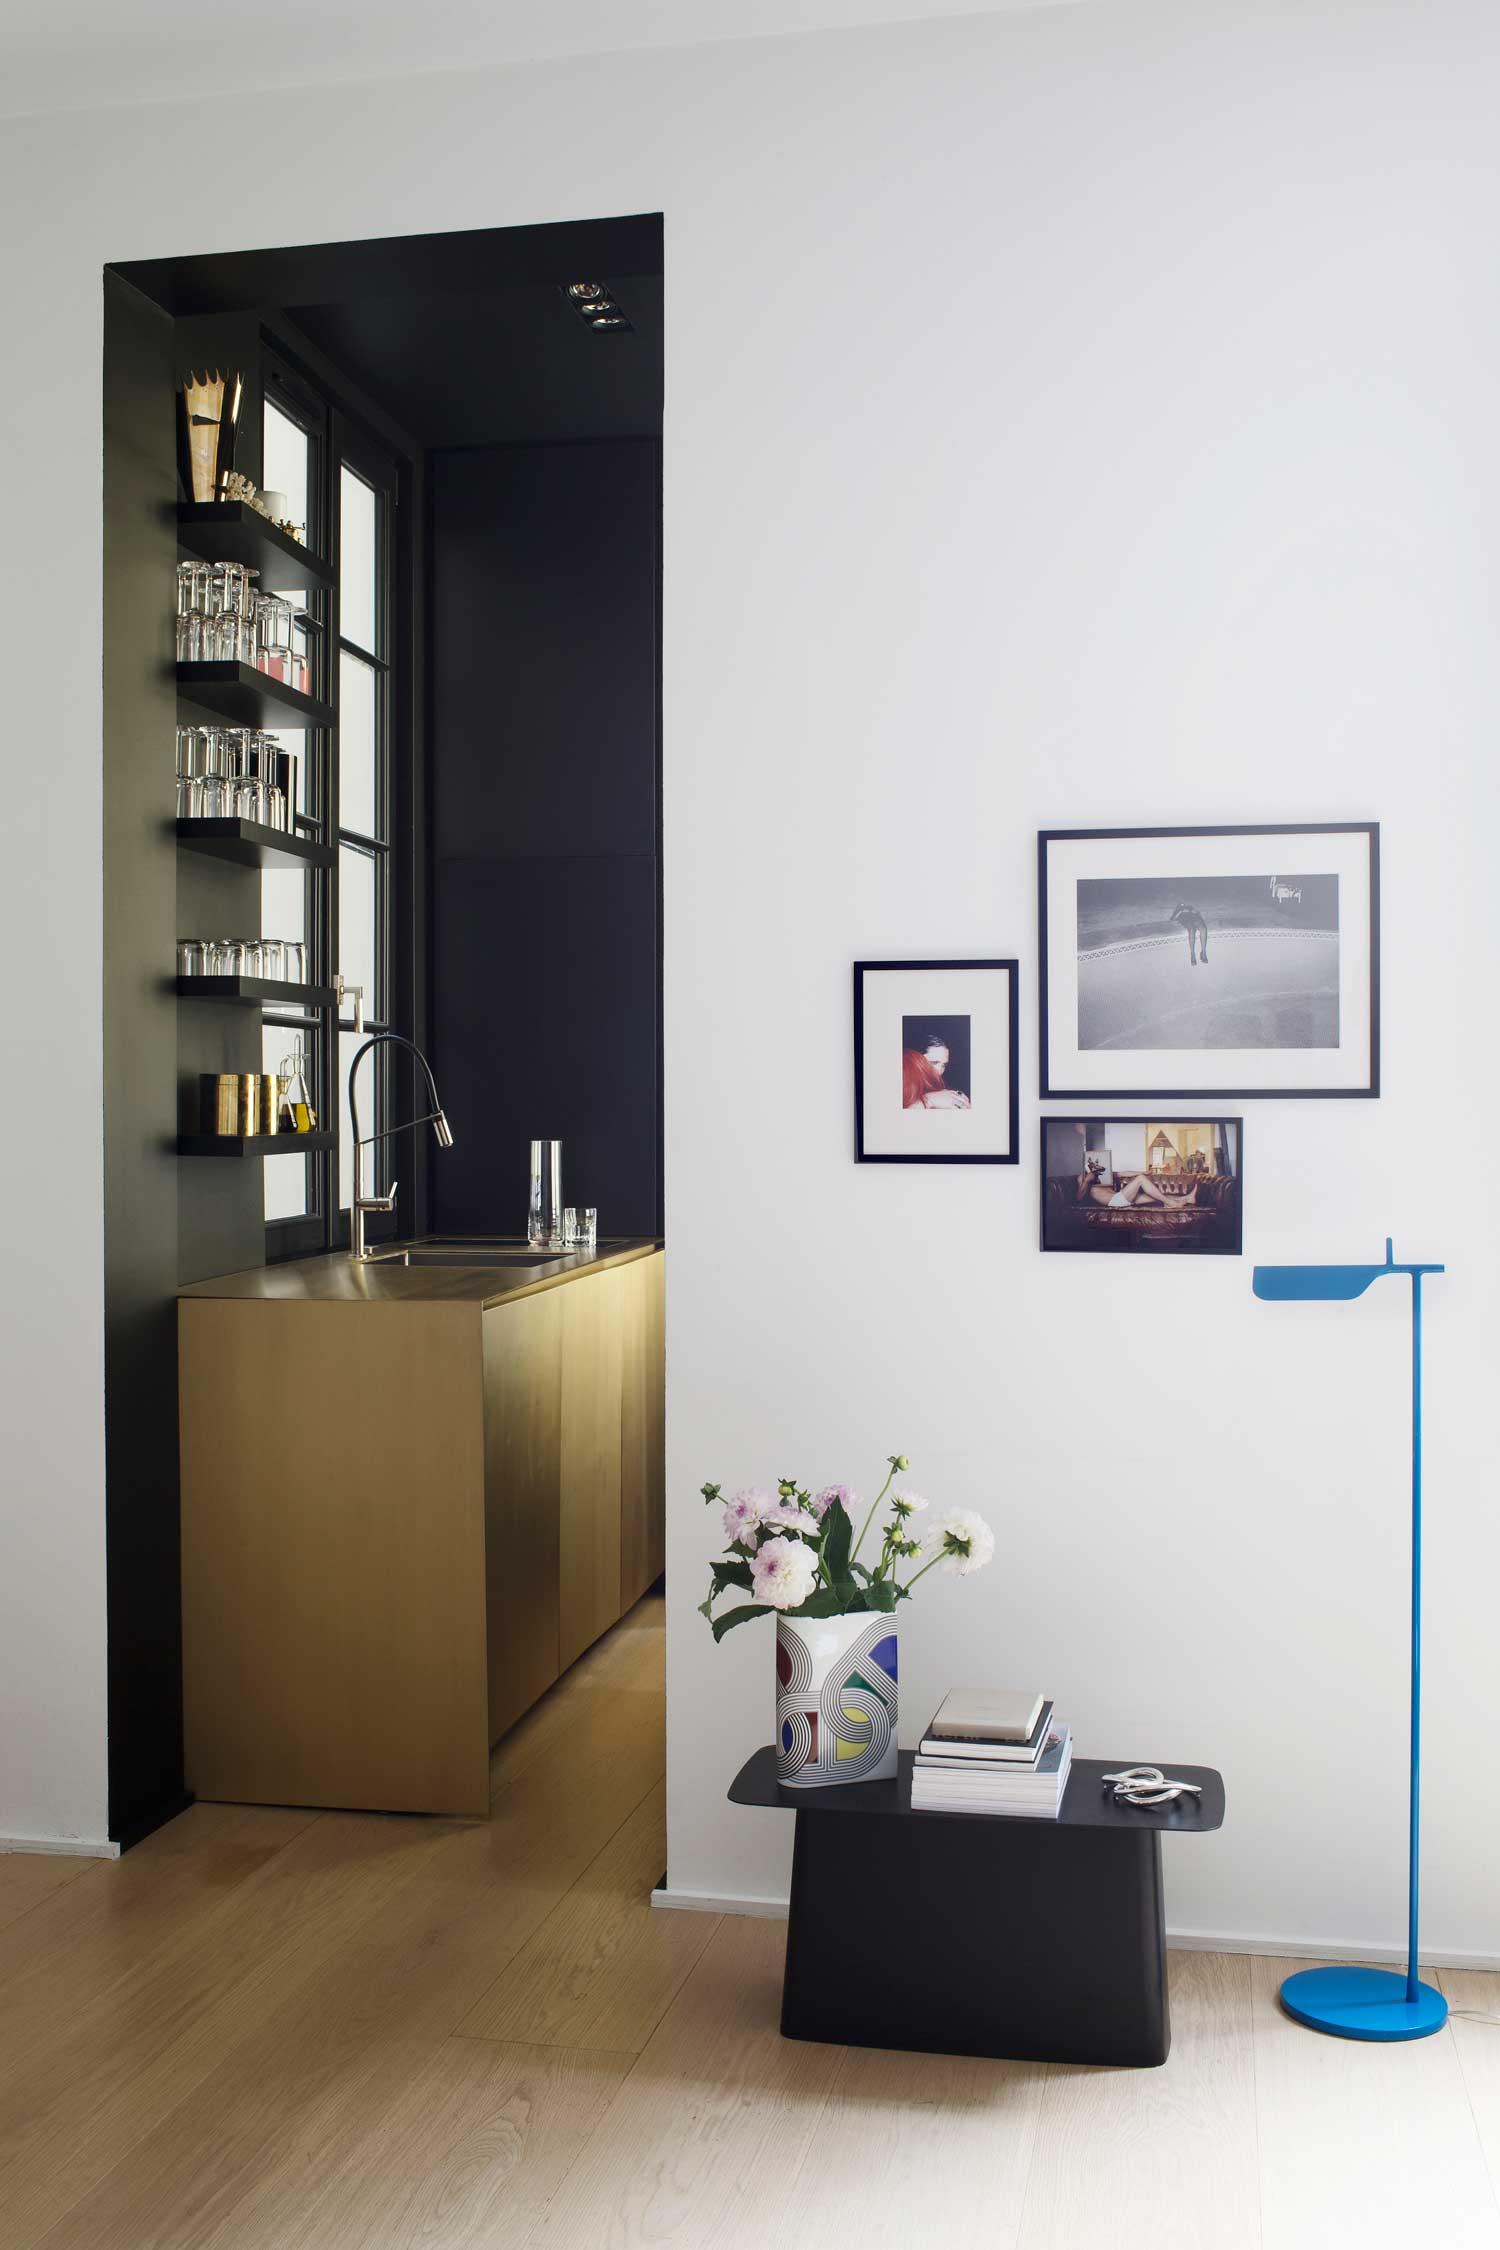 Du laiton dans la cuisine : bling ou mat ? | Rodolphe Parente, Appartement 108 Paris